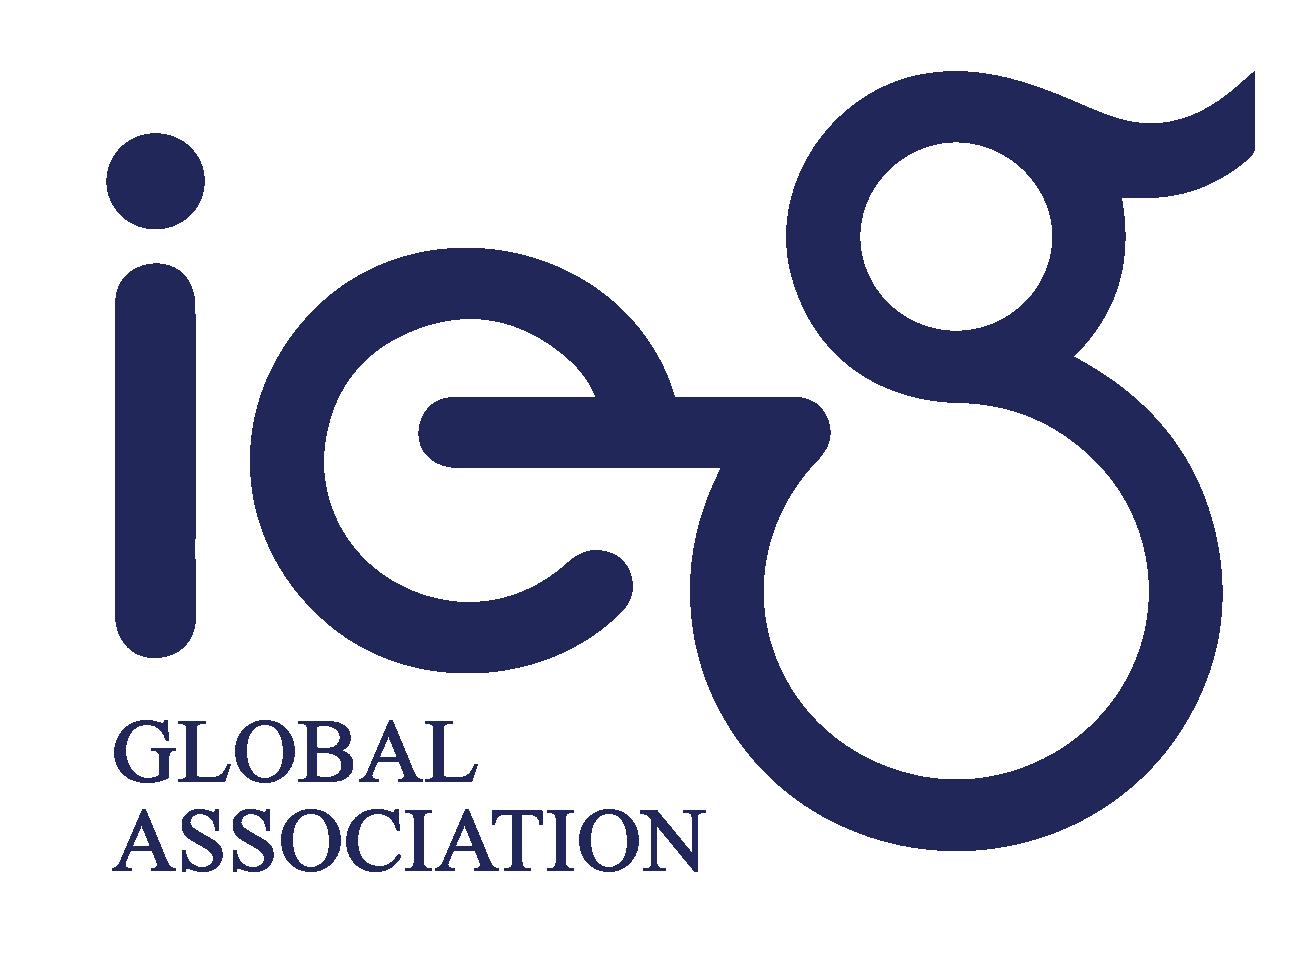 IEG Global Association